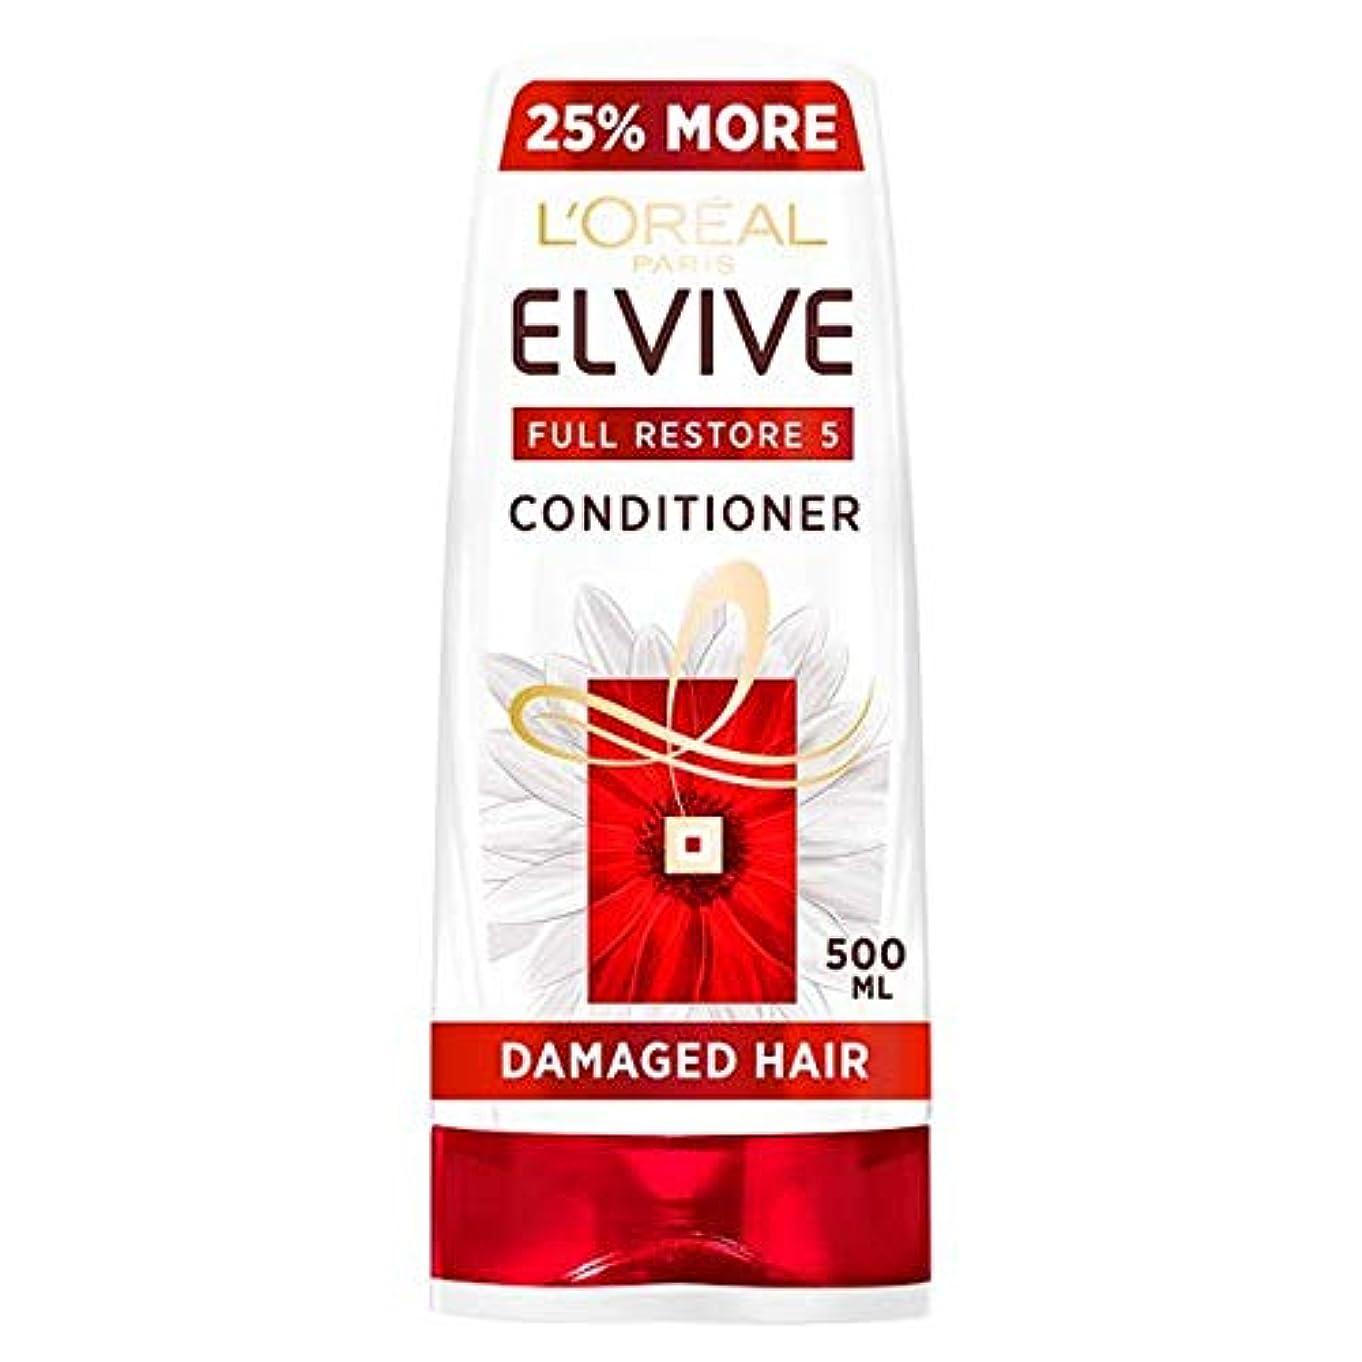 にんじんマトリックス野心[Elvive] ロレアルElvive極度のダメージヘアコンディショナー500ミリリットル - L'oreal Elvive Extreme Damaged Hair Conditioner 500Ml [並行輸入品]